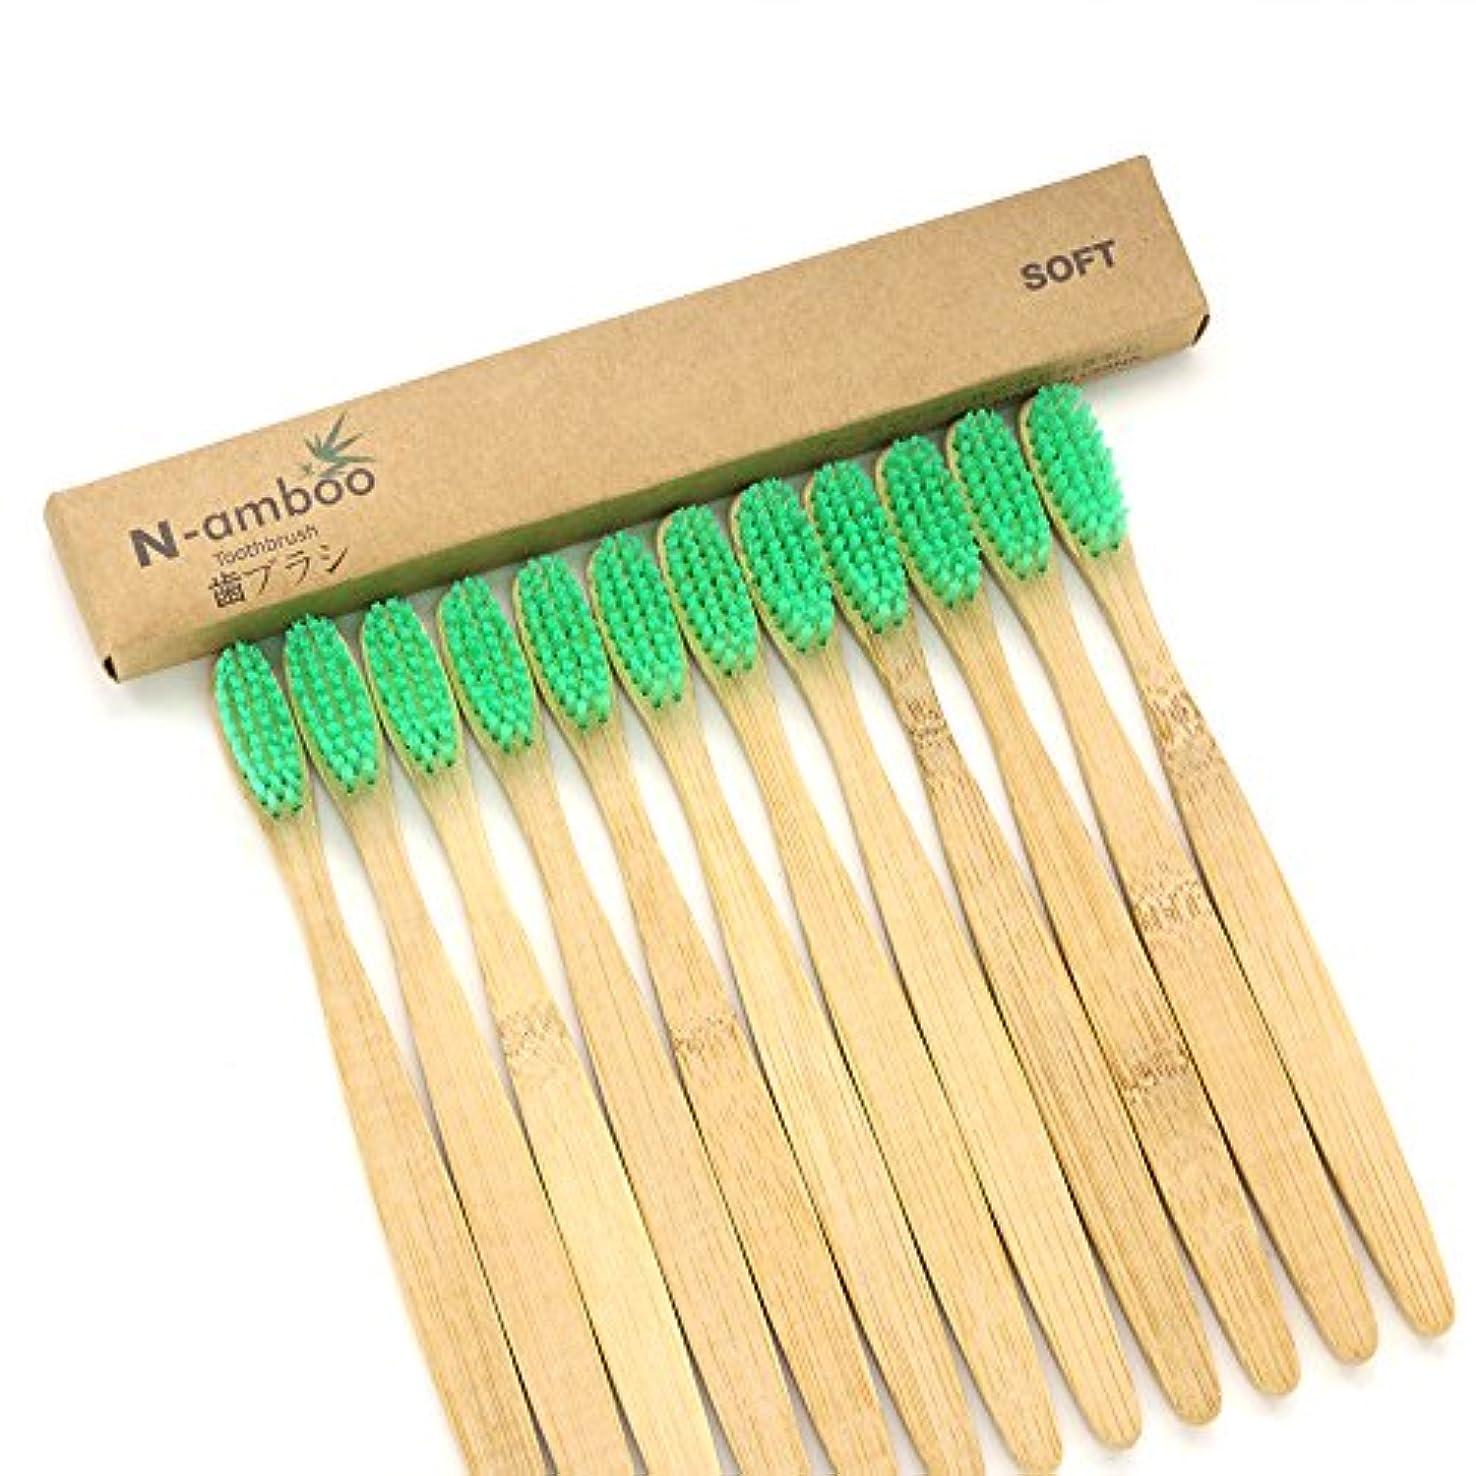 消毒剤賛辞肉N-amboo 竹製 歯ブラシ 高耐久性 セット エコ 軽量 12本入り 緑 セット